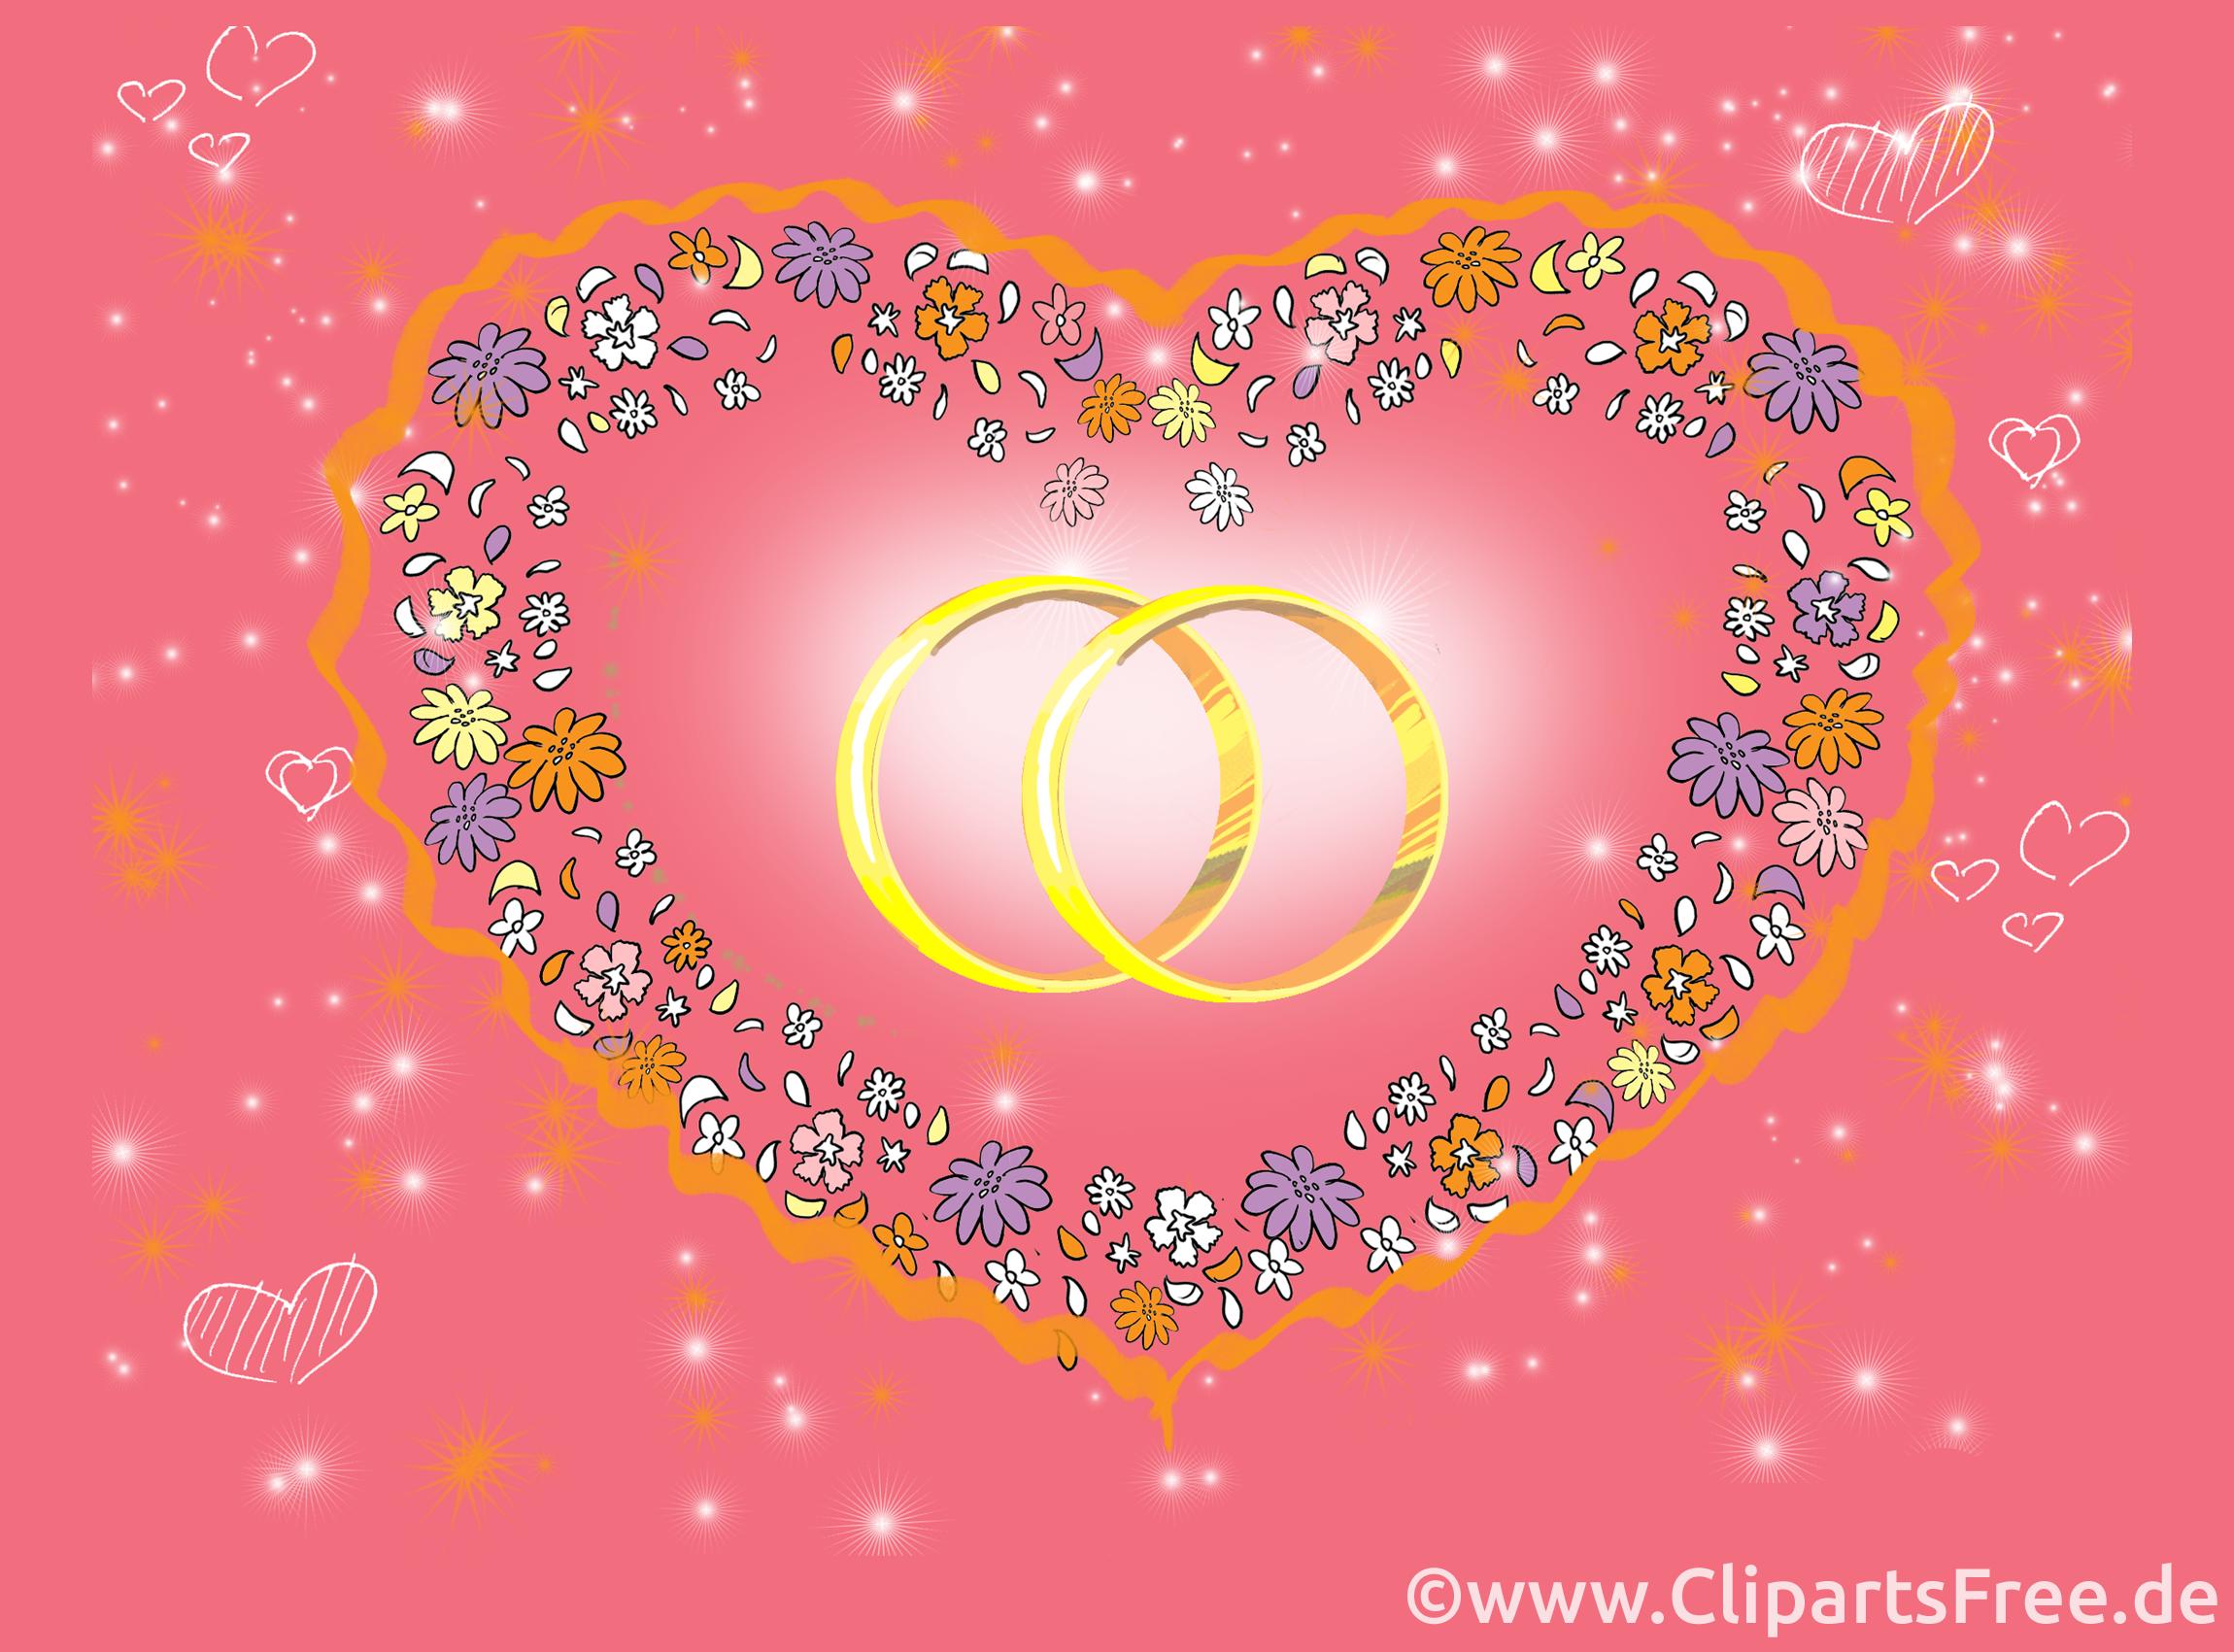 Coeur images gratuites mariage clipart mariage dessin picture image graphic clip art - Images coeur gratuites ...